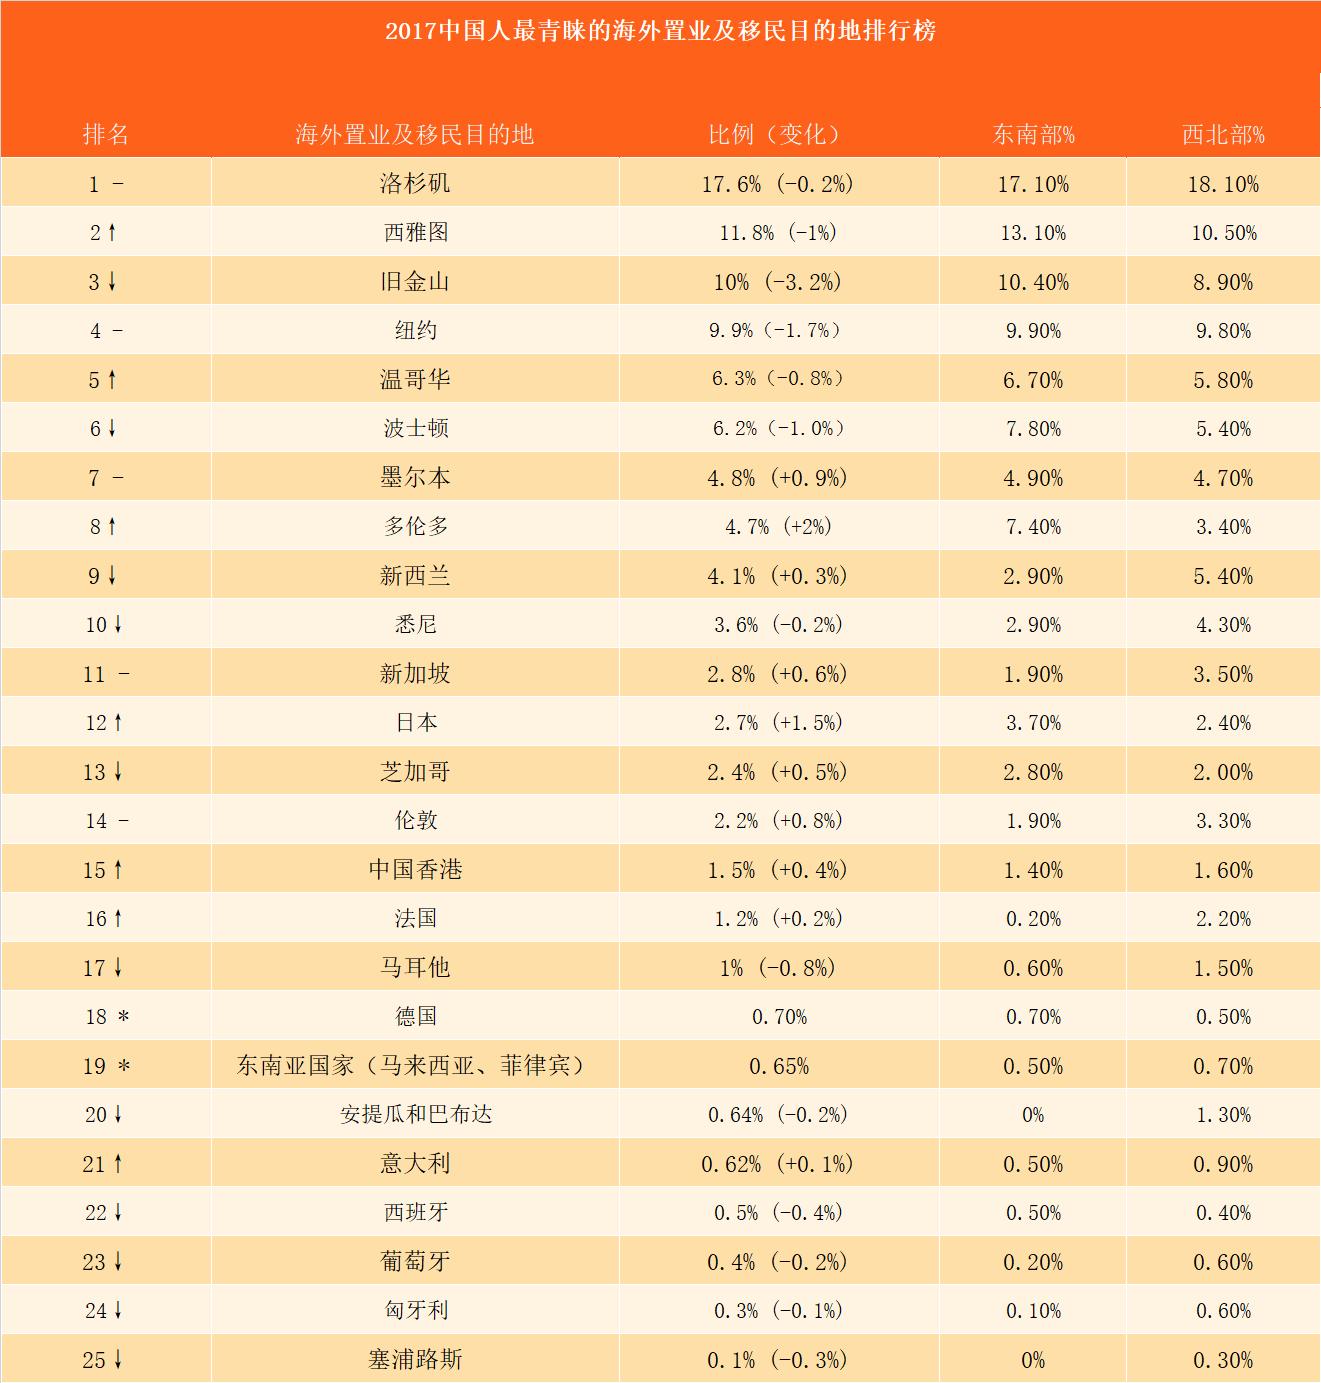 中国人最青睐的海外置业目的地排行榜